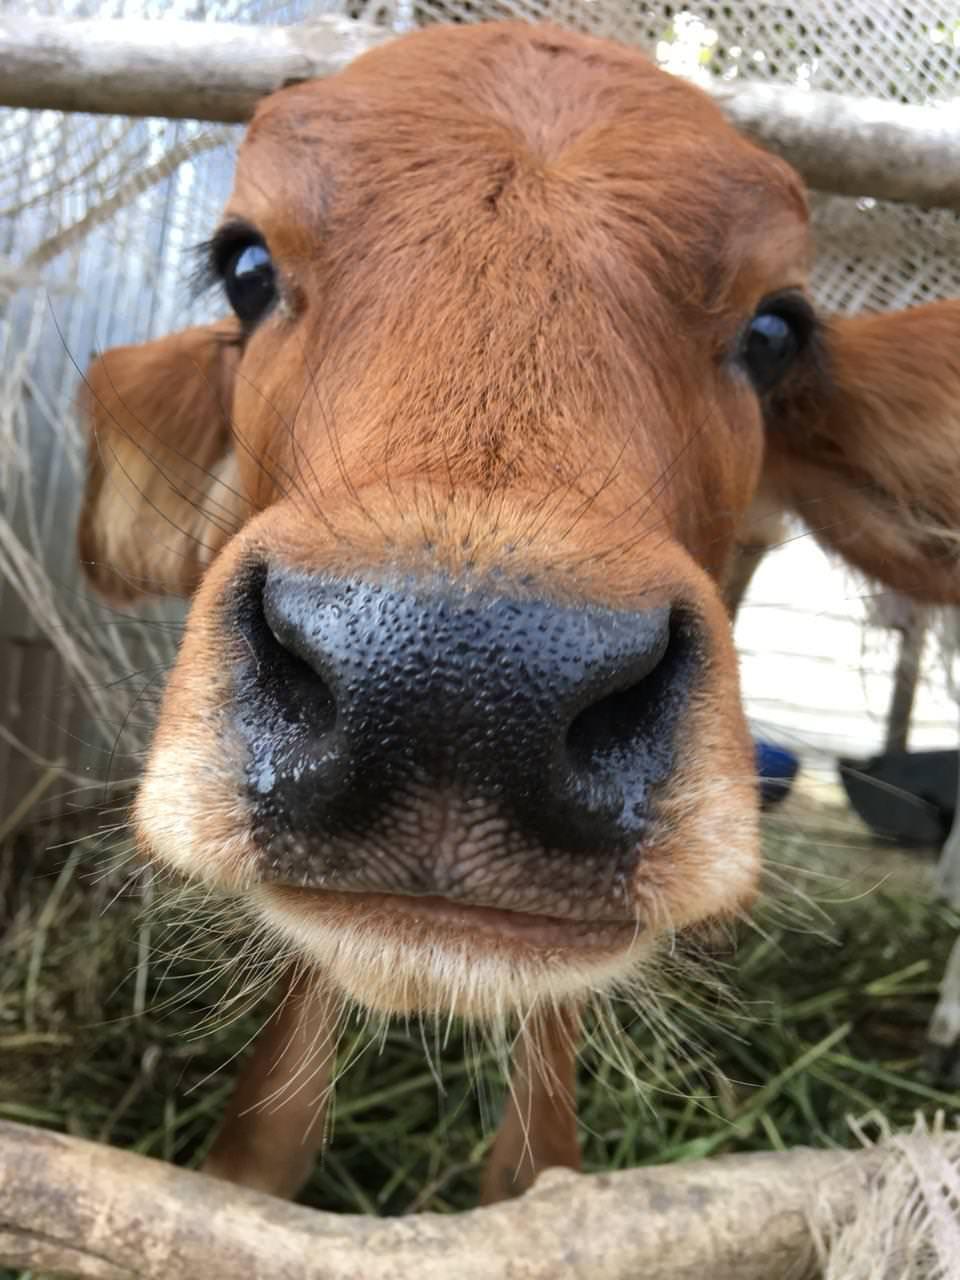 Ass licking Cow